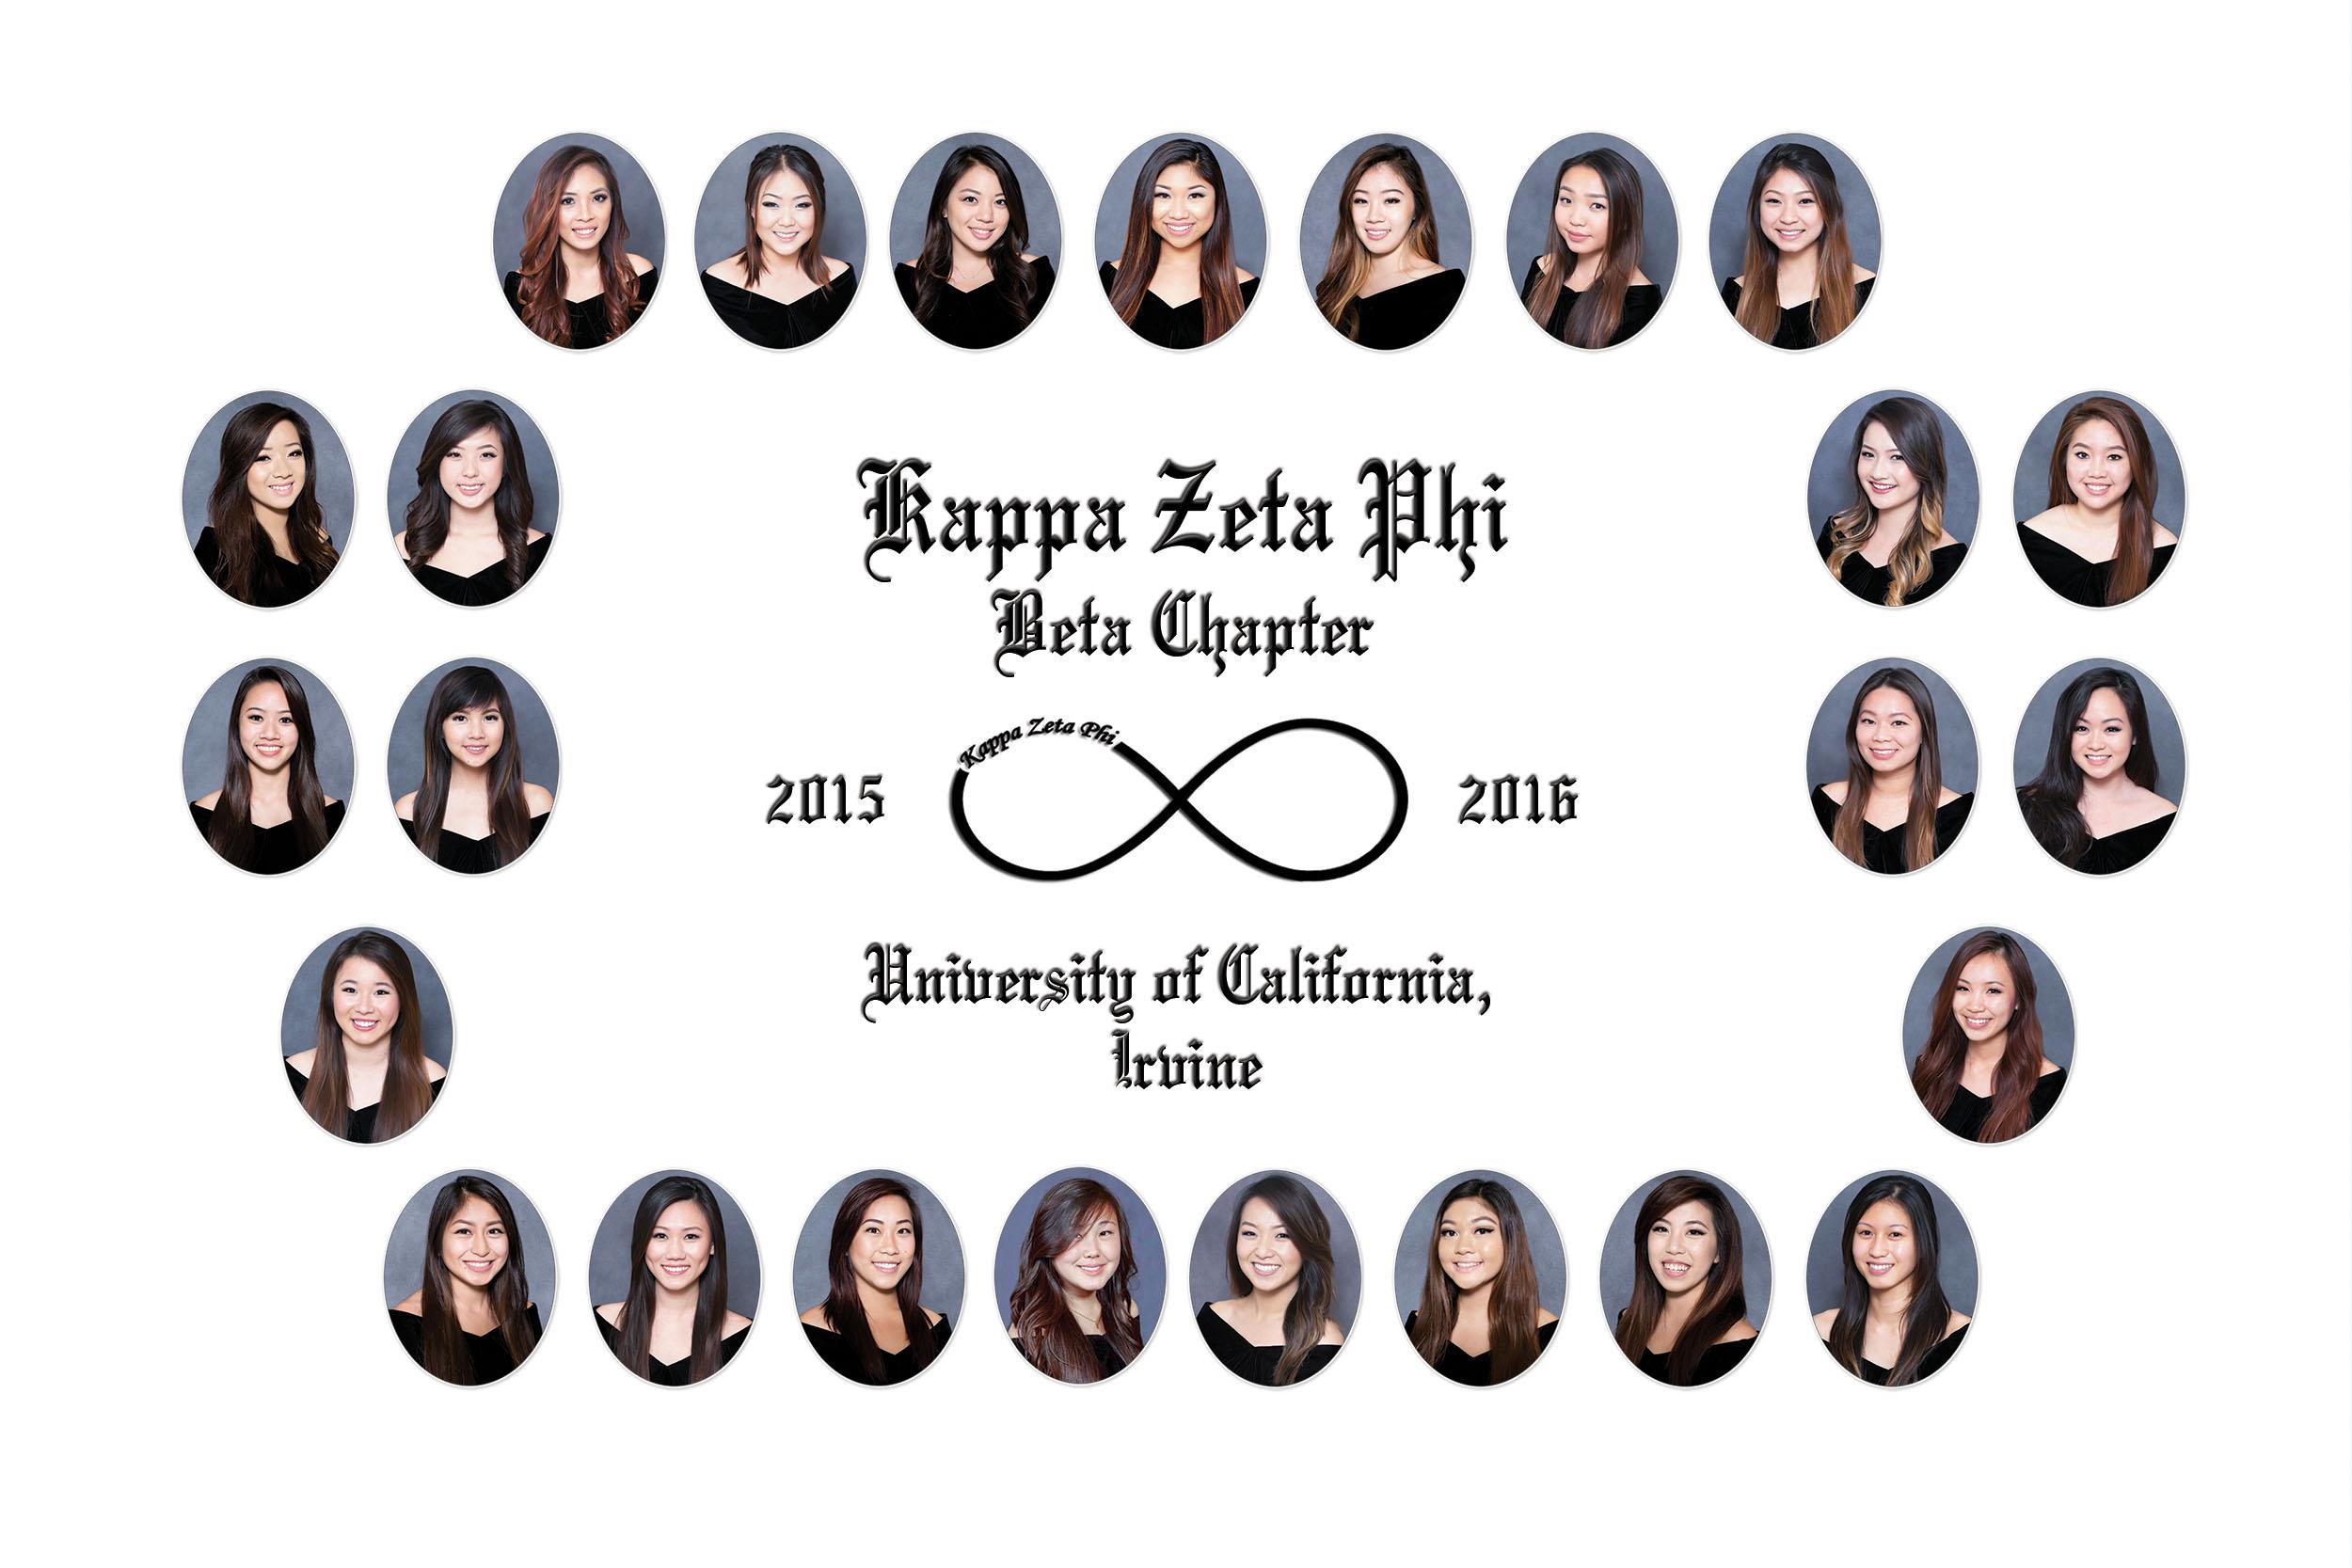 2015-2016-Bryan-Miraflor-Photography-Kappa-Zeta-Phi-UCI-Composites.jpg